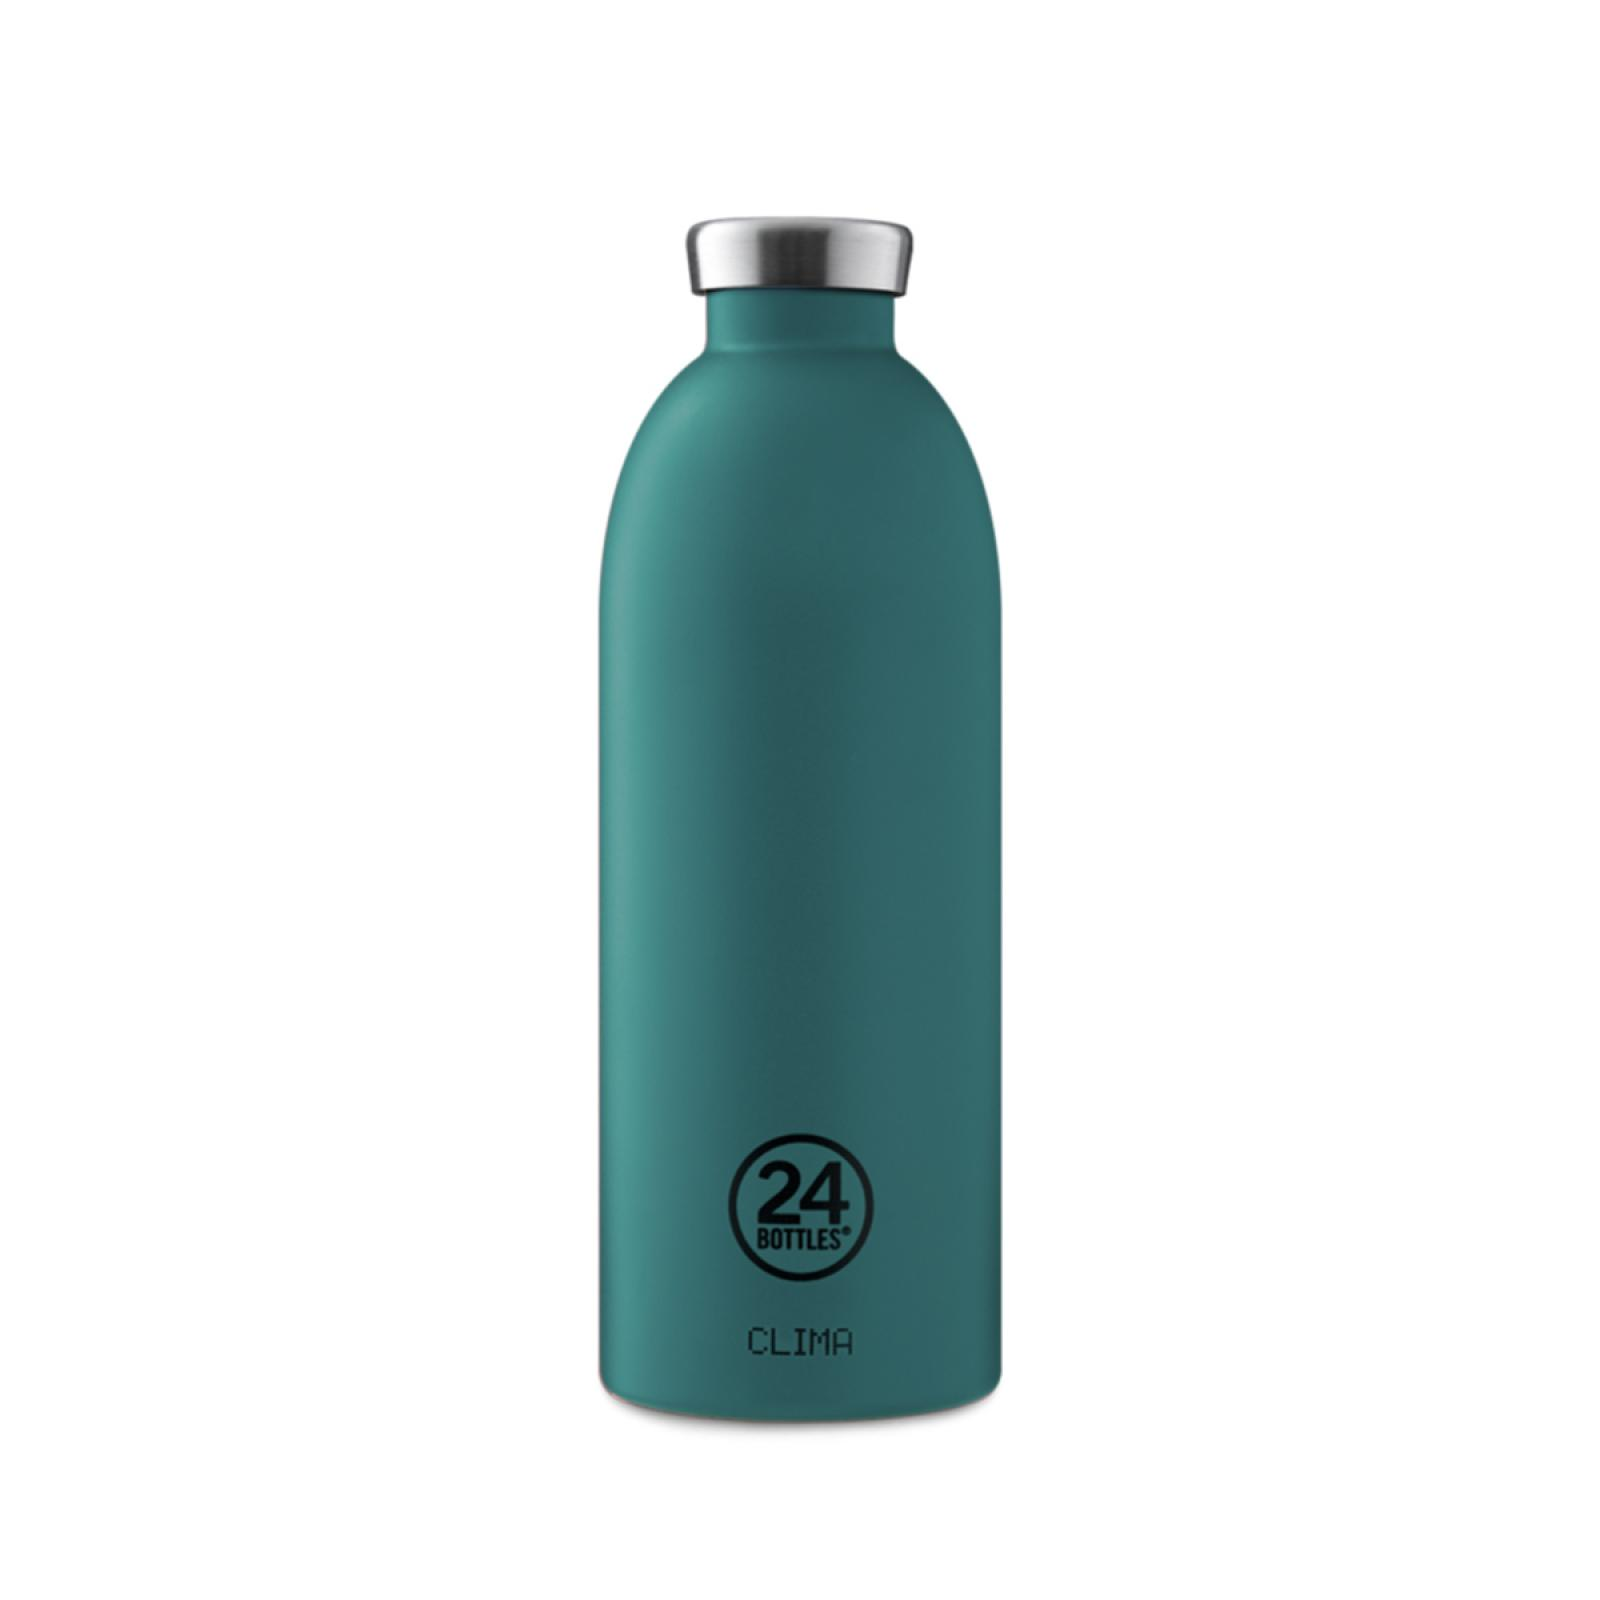 24 Bottles Clima Bottle Atlantic Bay 850 ml - 1